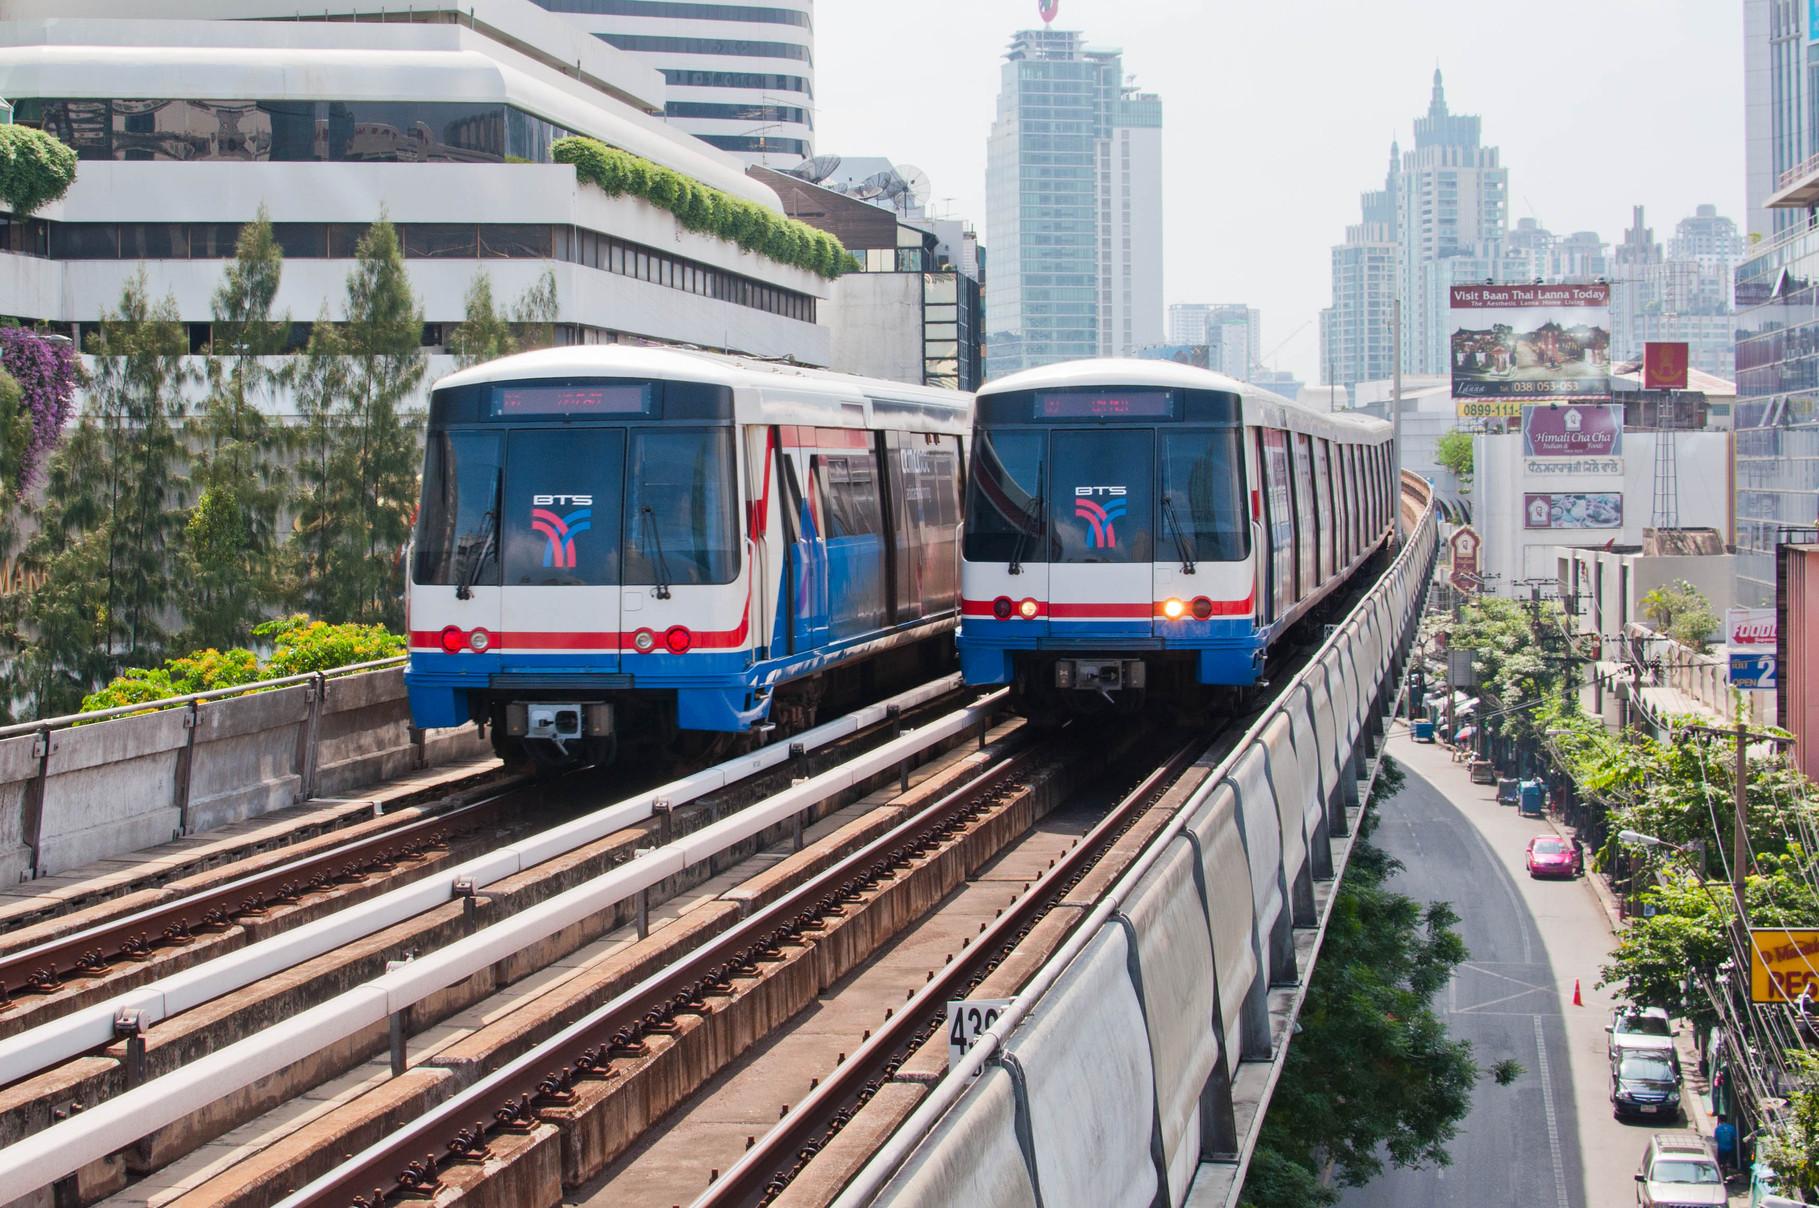 Die Sky Trains bringen einem rasch von einem Ort zum Nächsten und sind günstig und vorallem schnell